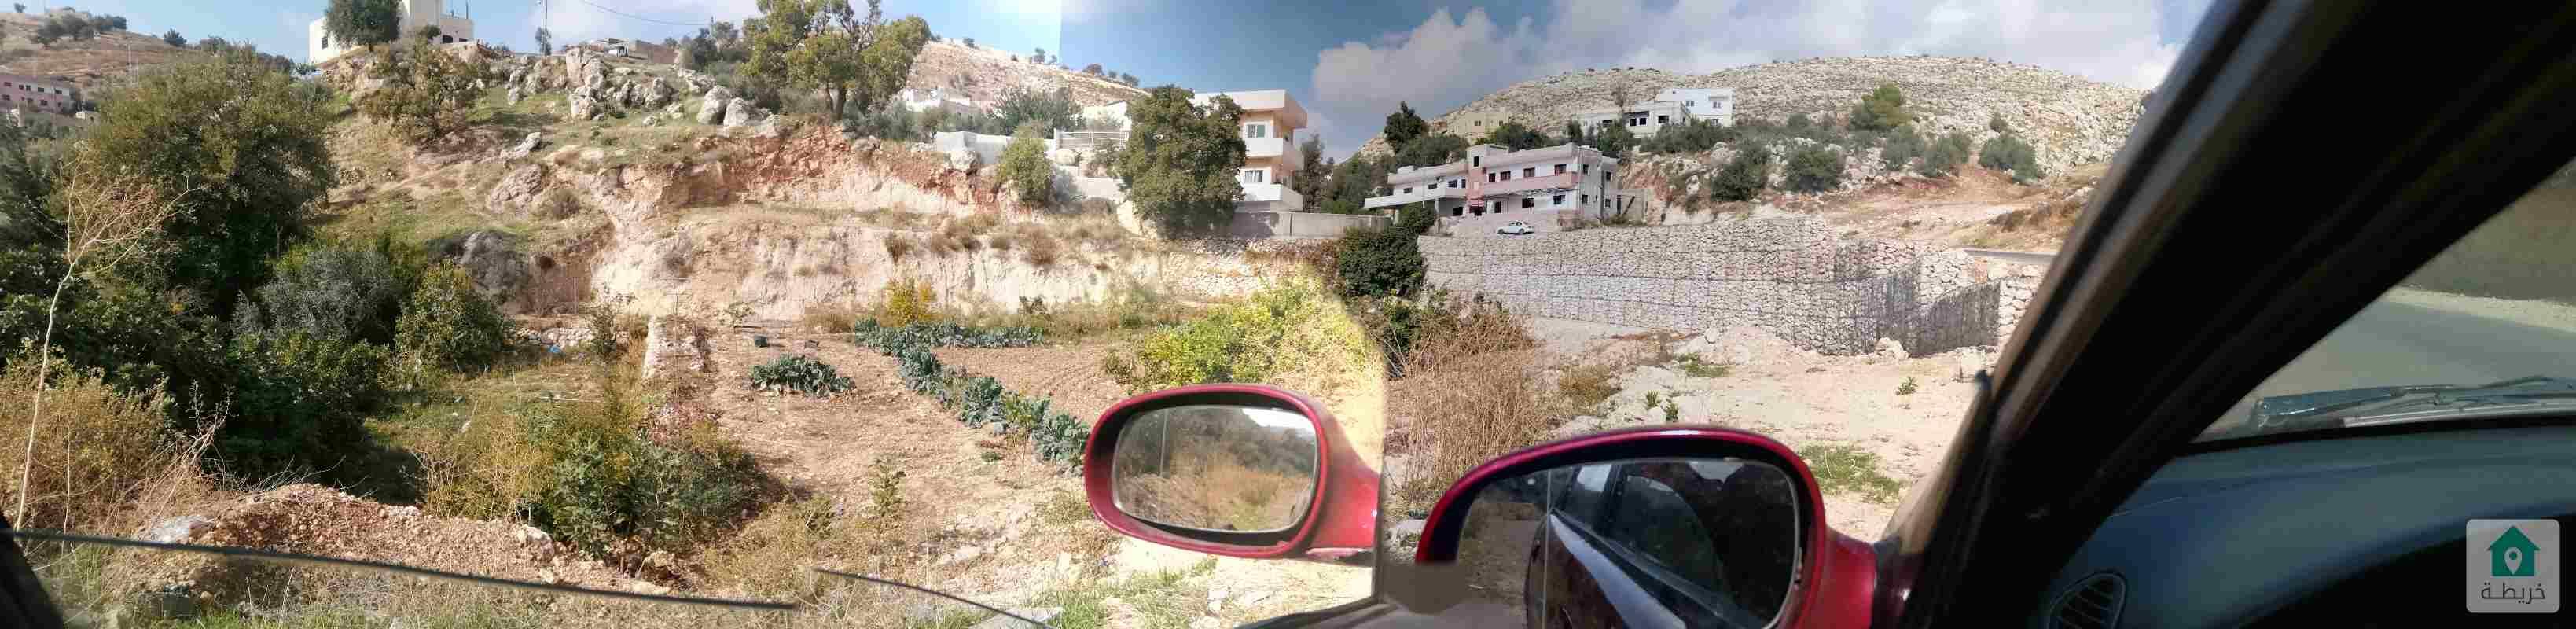 قطعه ارض في منطقه ام فروه غرب عمان وادي السير قابل للتفاوض